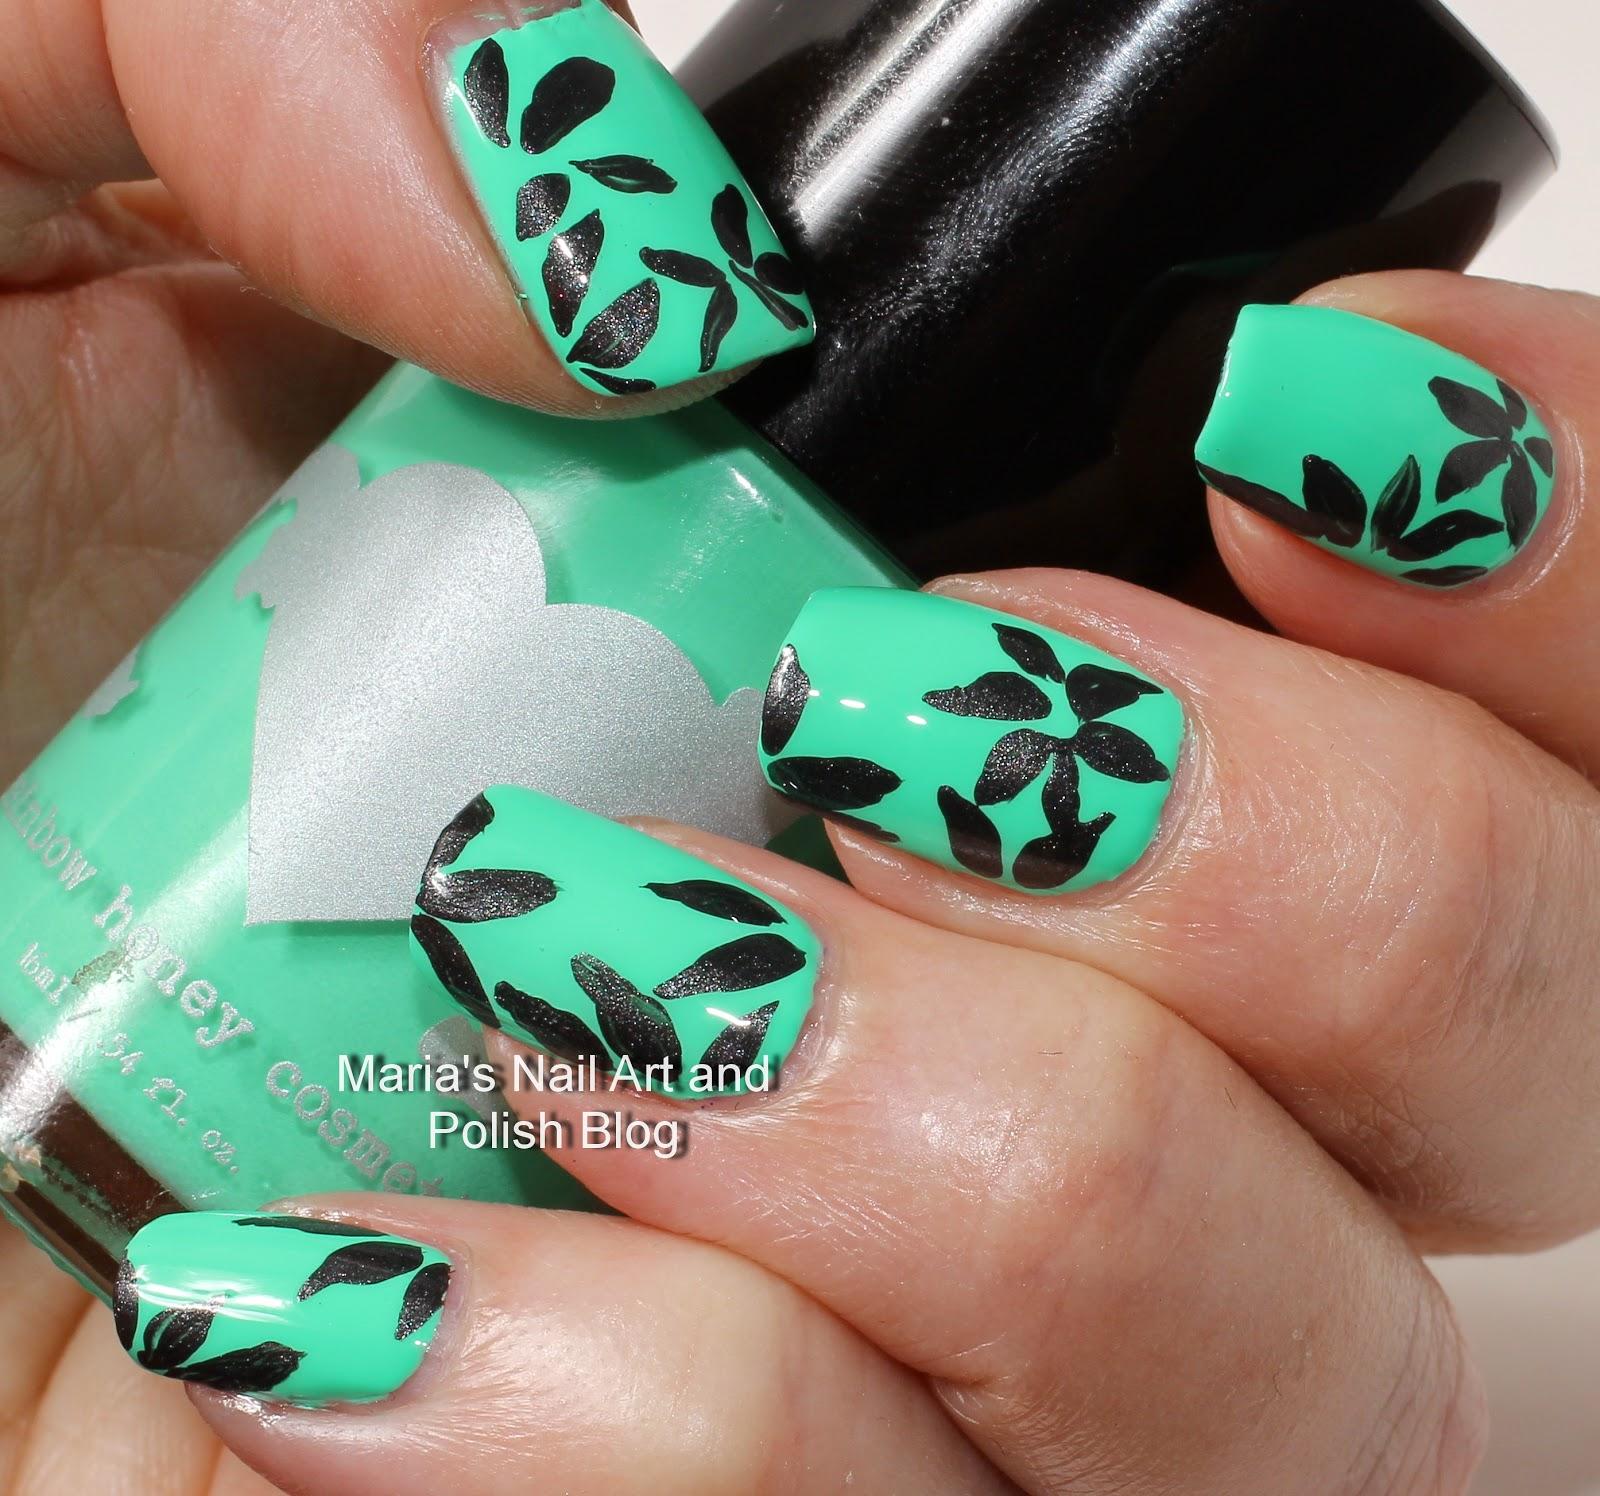 Marias nail art and polish blog floral petal nail art in black i love that green polish prinsesfo Choice Image